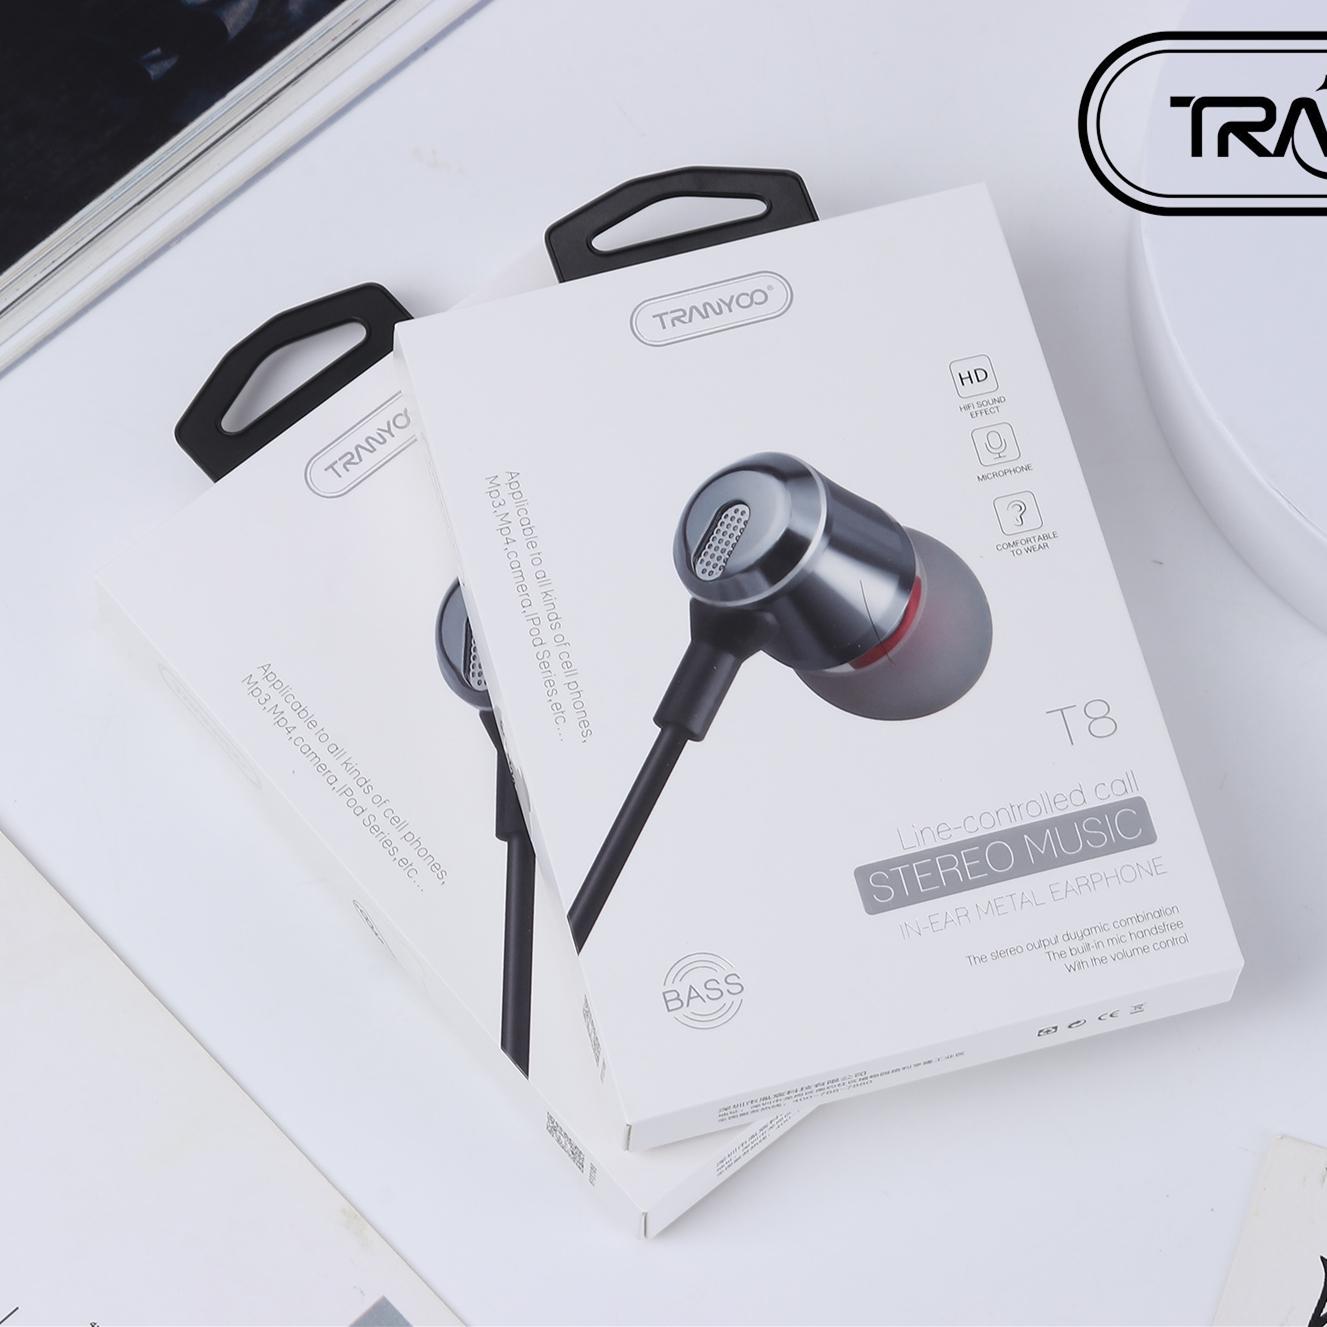 T8 金属调音重低音耳机 男女通用智能耳机  入耳式耳机批